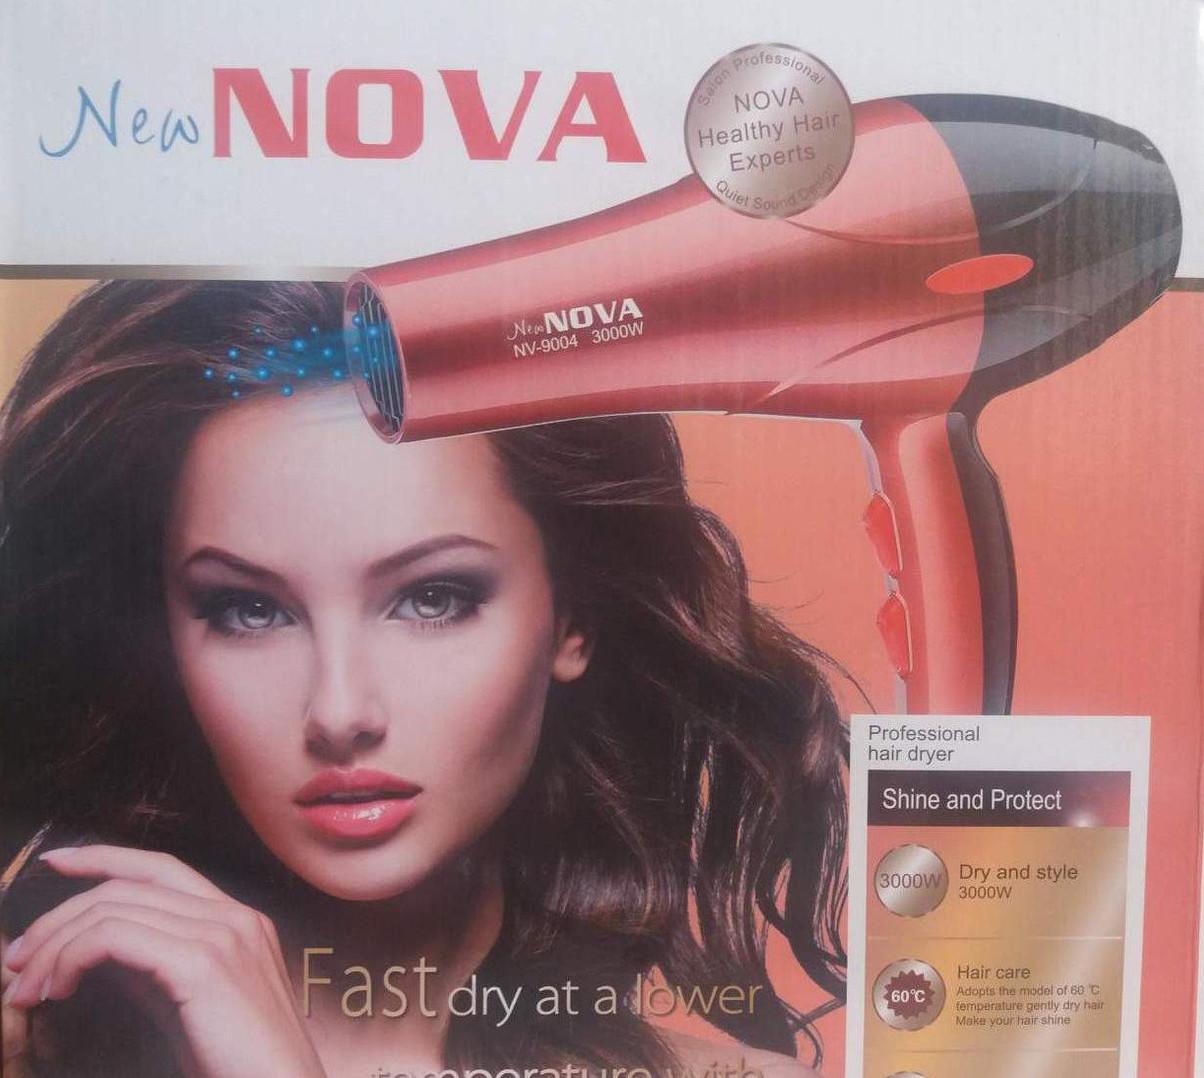 Фен для волос Nova NV-9004 3000W